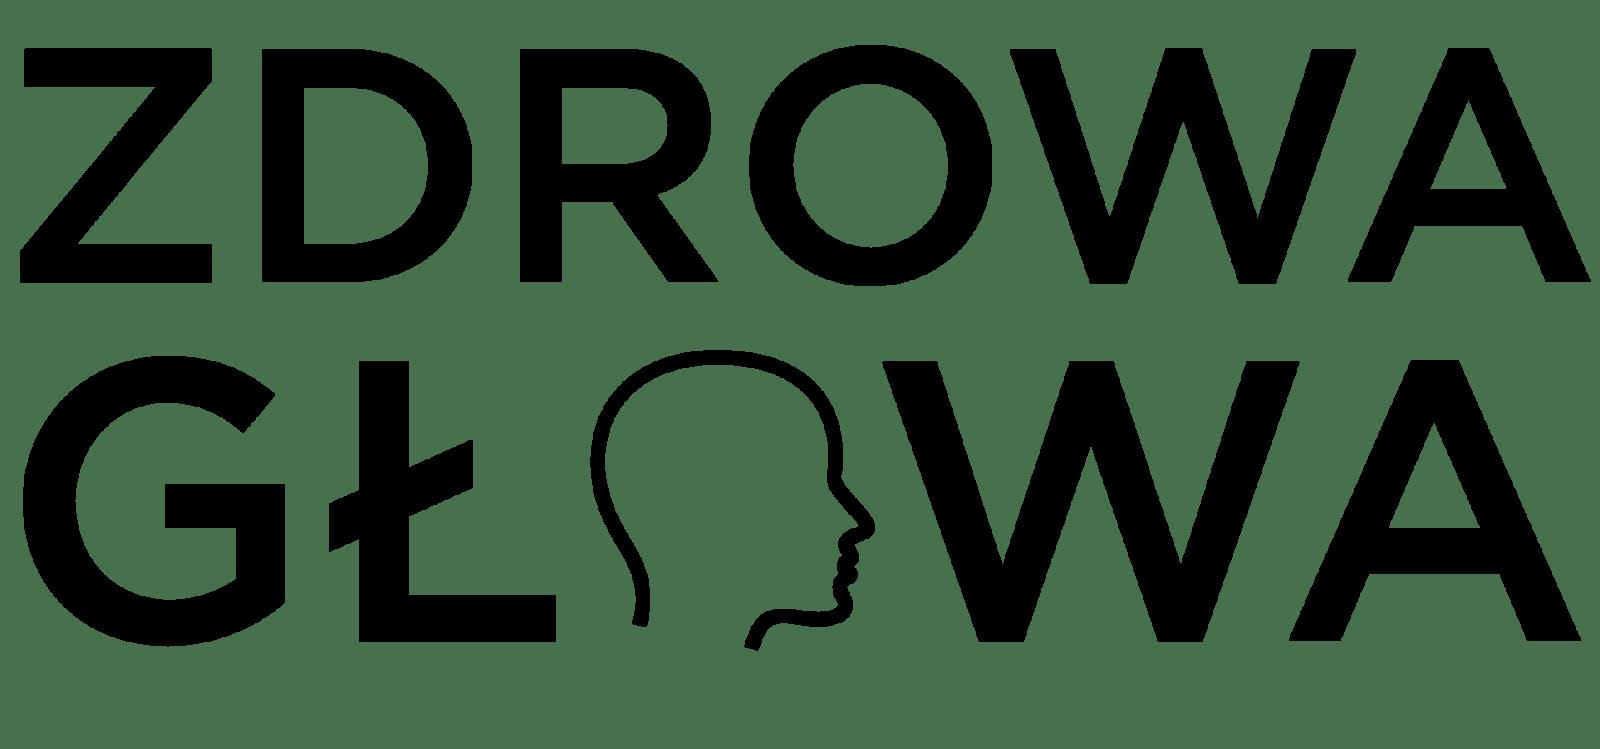 ZDROWA-GLOWA